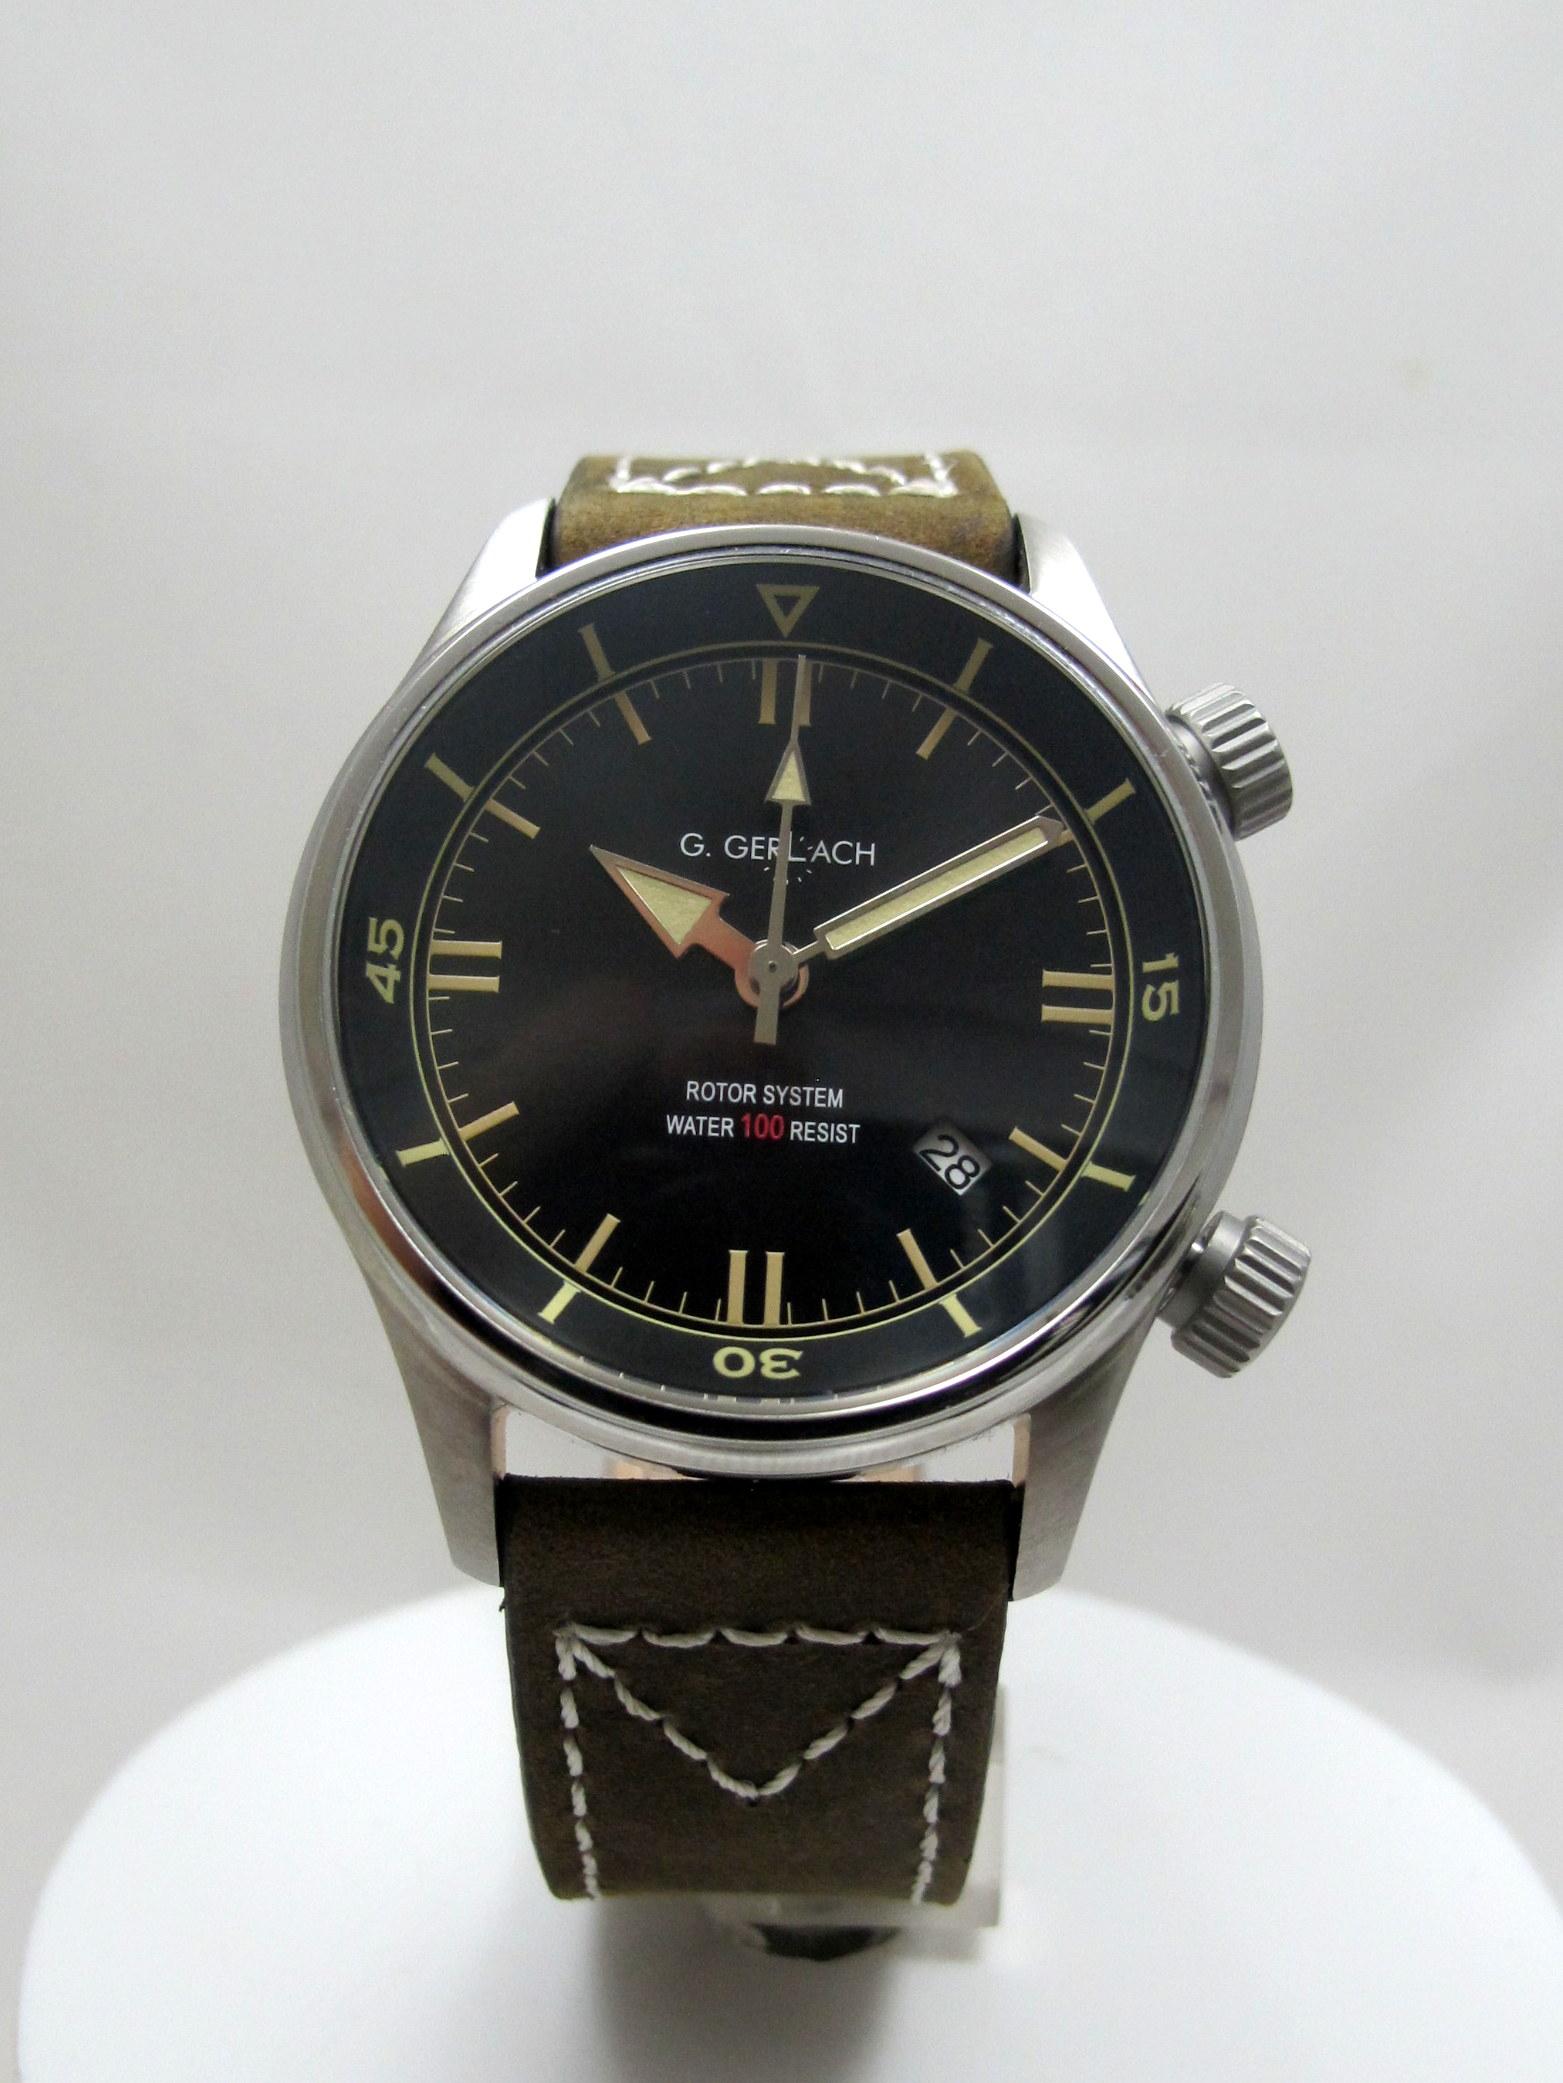 59b45ee8bccd8 Zegarek Gerlach NAVIGATOR w atrakcyjnej cenie - OdCzasuDoCzasu.pl